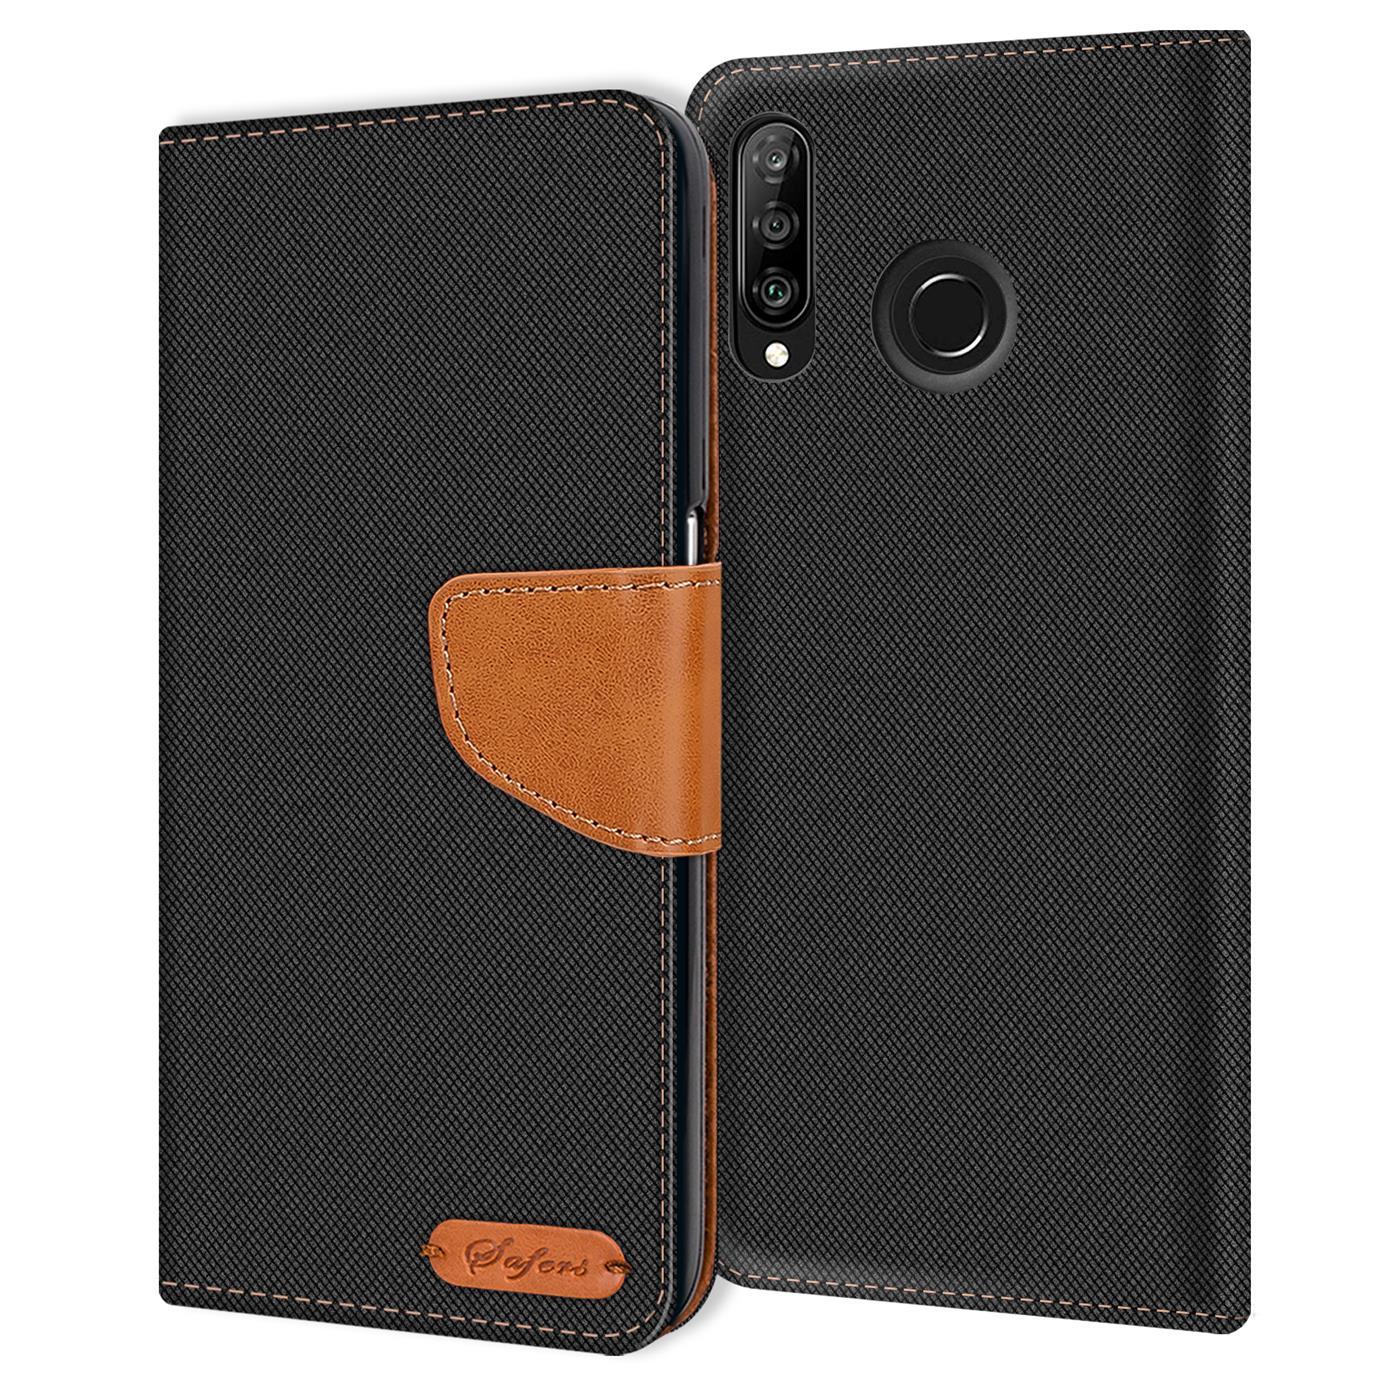 Schutzhuelle-Handy-Huelle-Flip-Case-Klapp-Tasche-Book-Case-Cover-Handyhuelle-Etui Indexbild 10